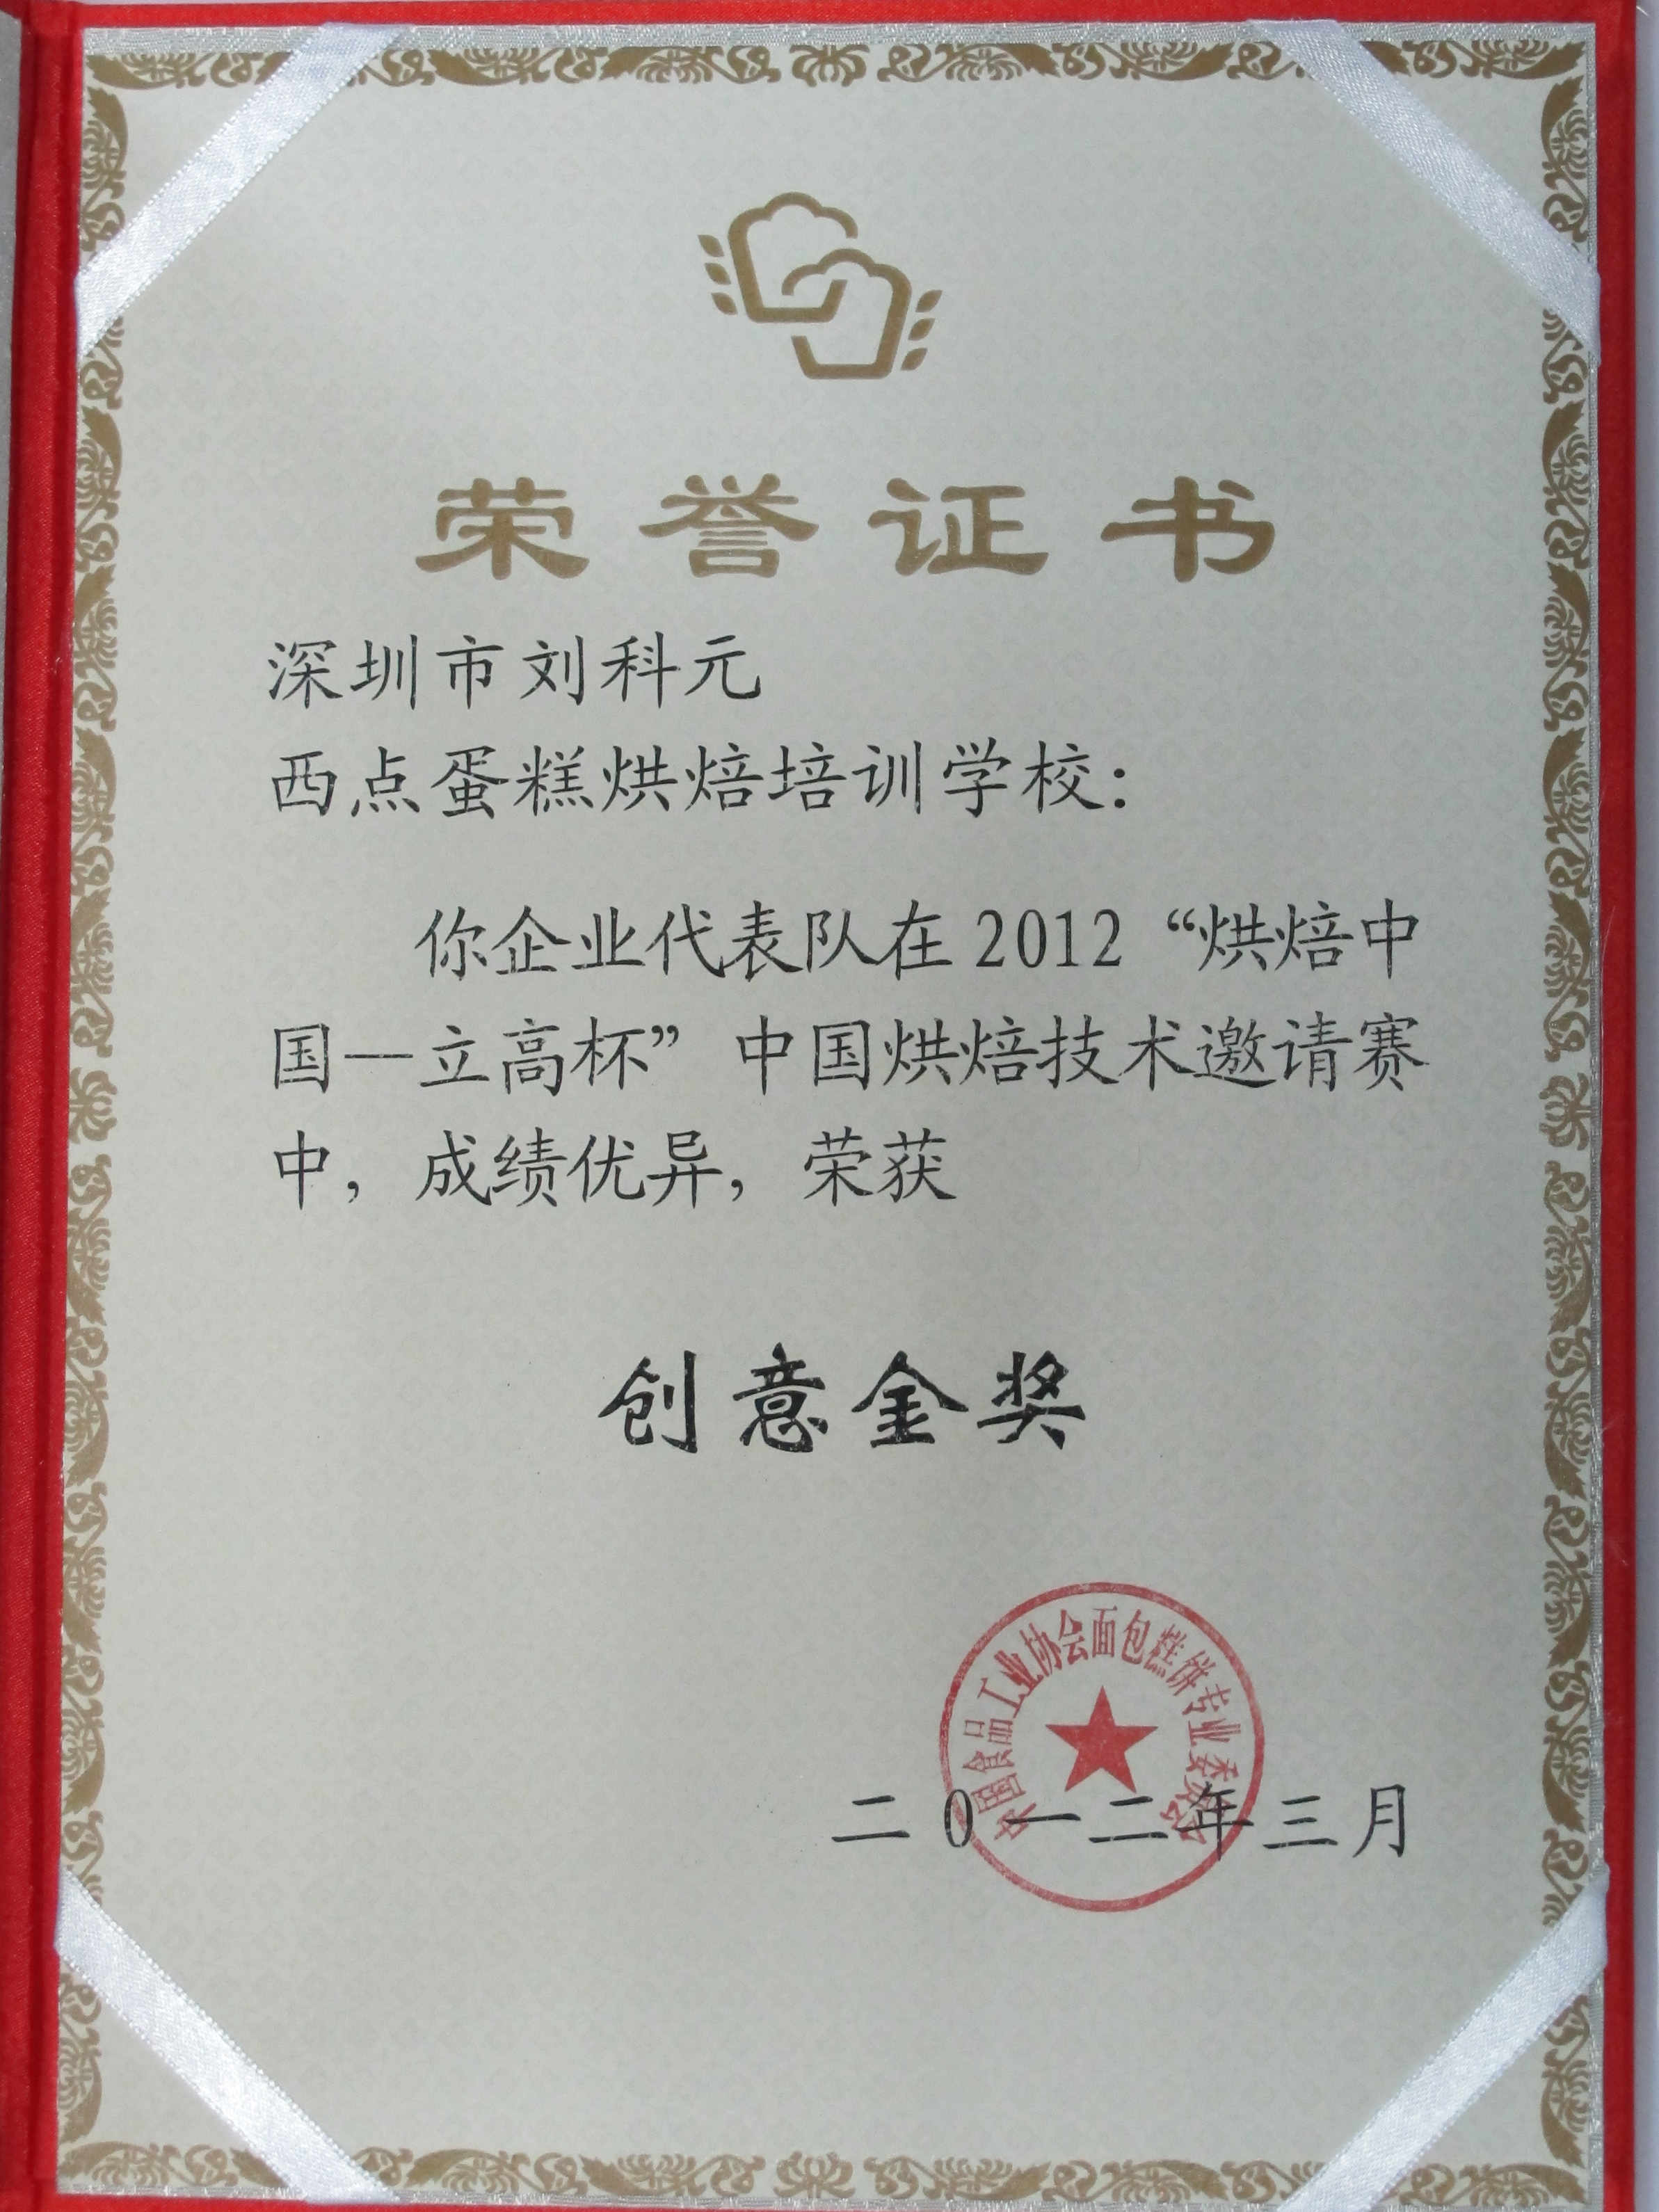 """烘焙中国2012烘焙技术邀请赛""""创意金奖"""""""